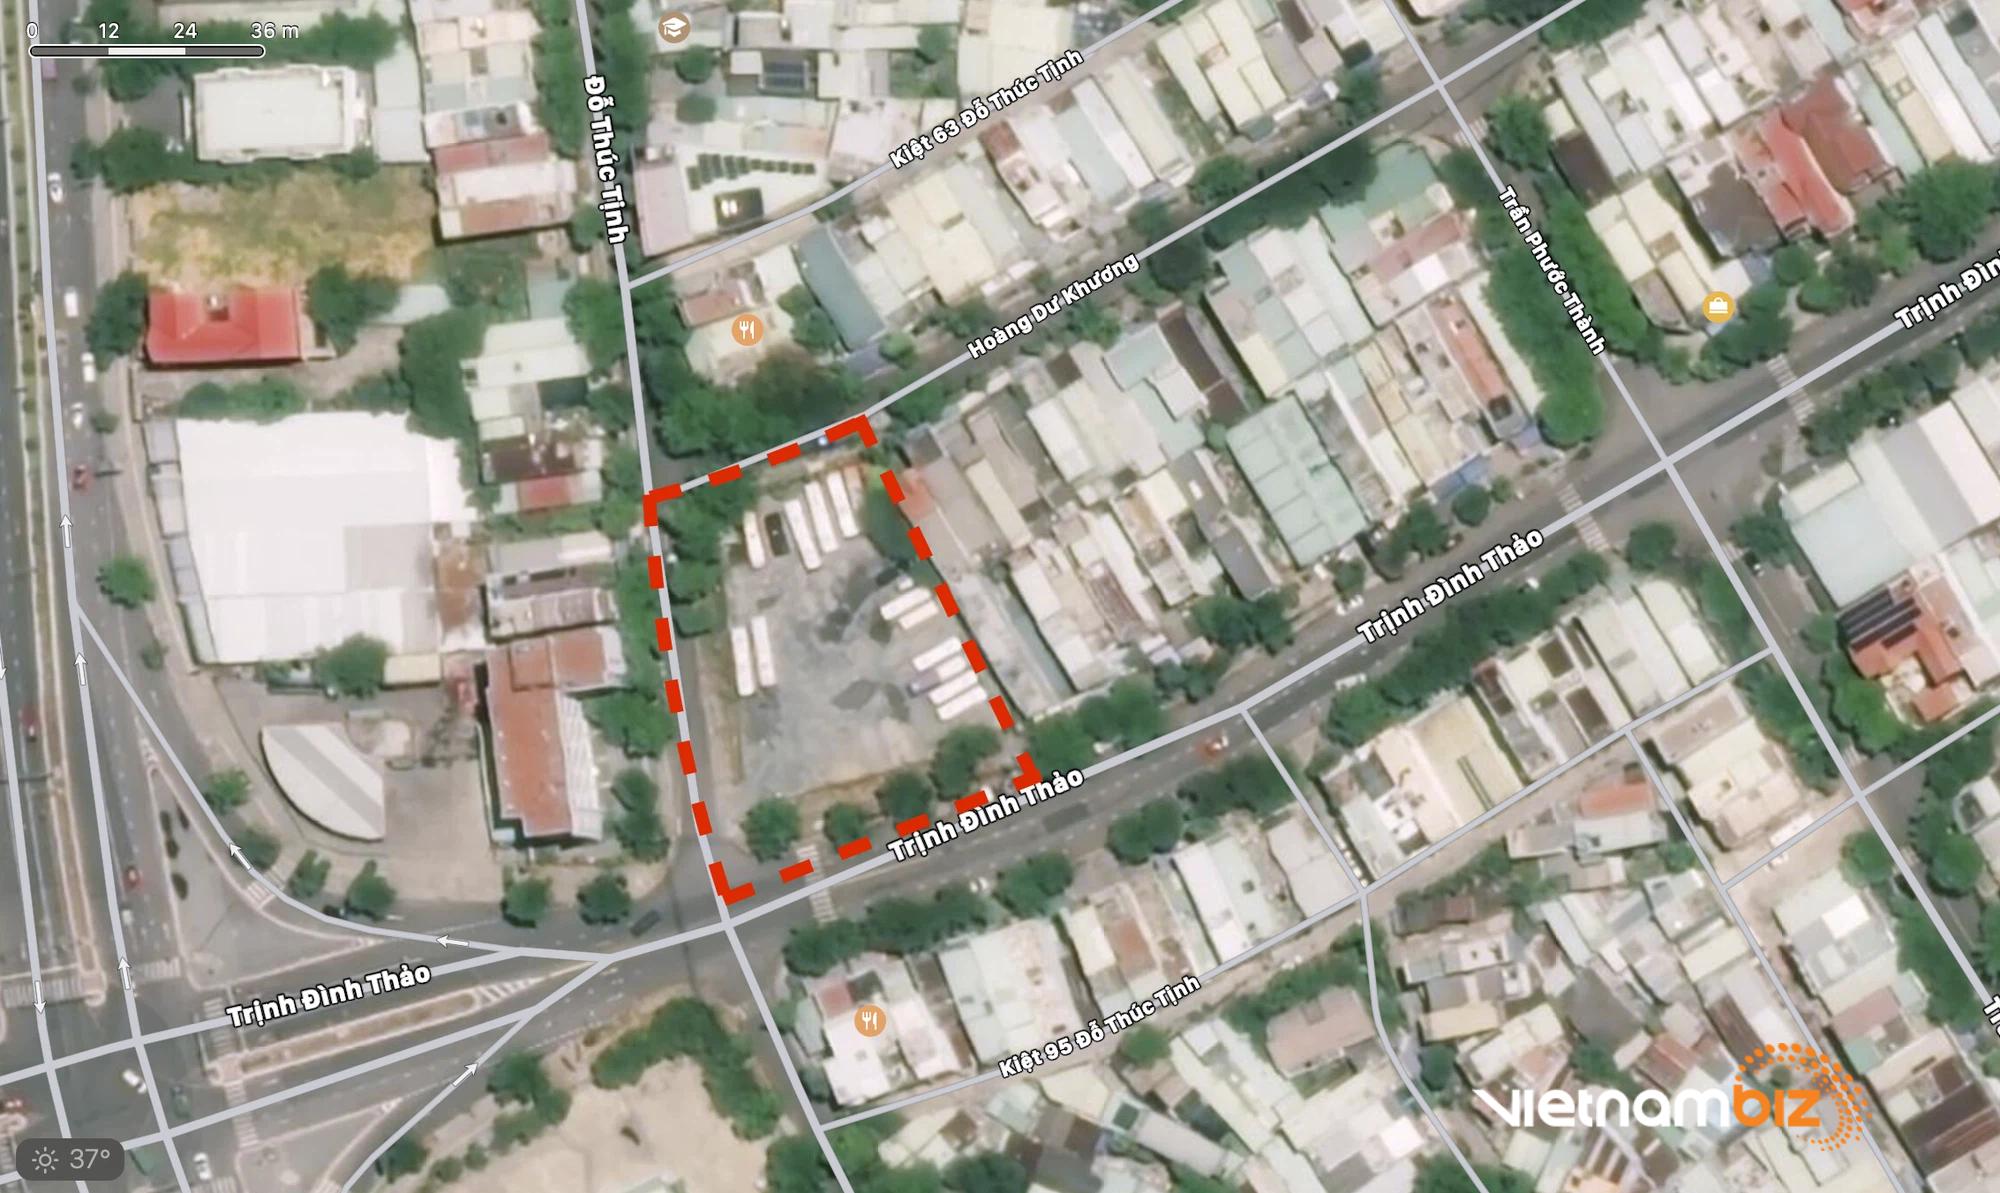 Cận cảnh hai khu đất ở quận Cẩm Lệ, Đà Nẵng sẽ đấu giá làm bãi đỗ xe - Ảnh 8.